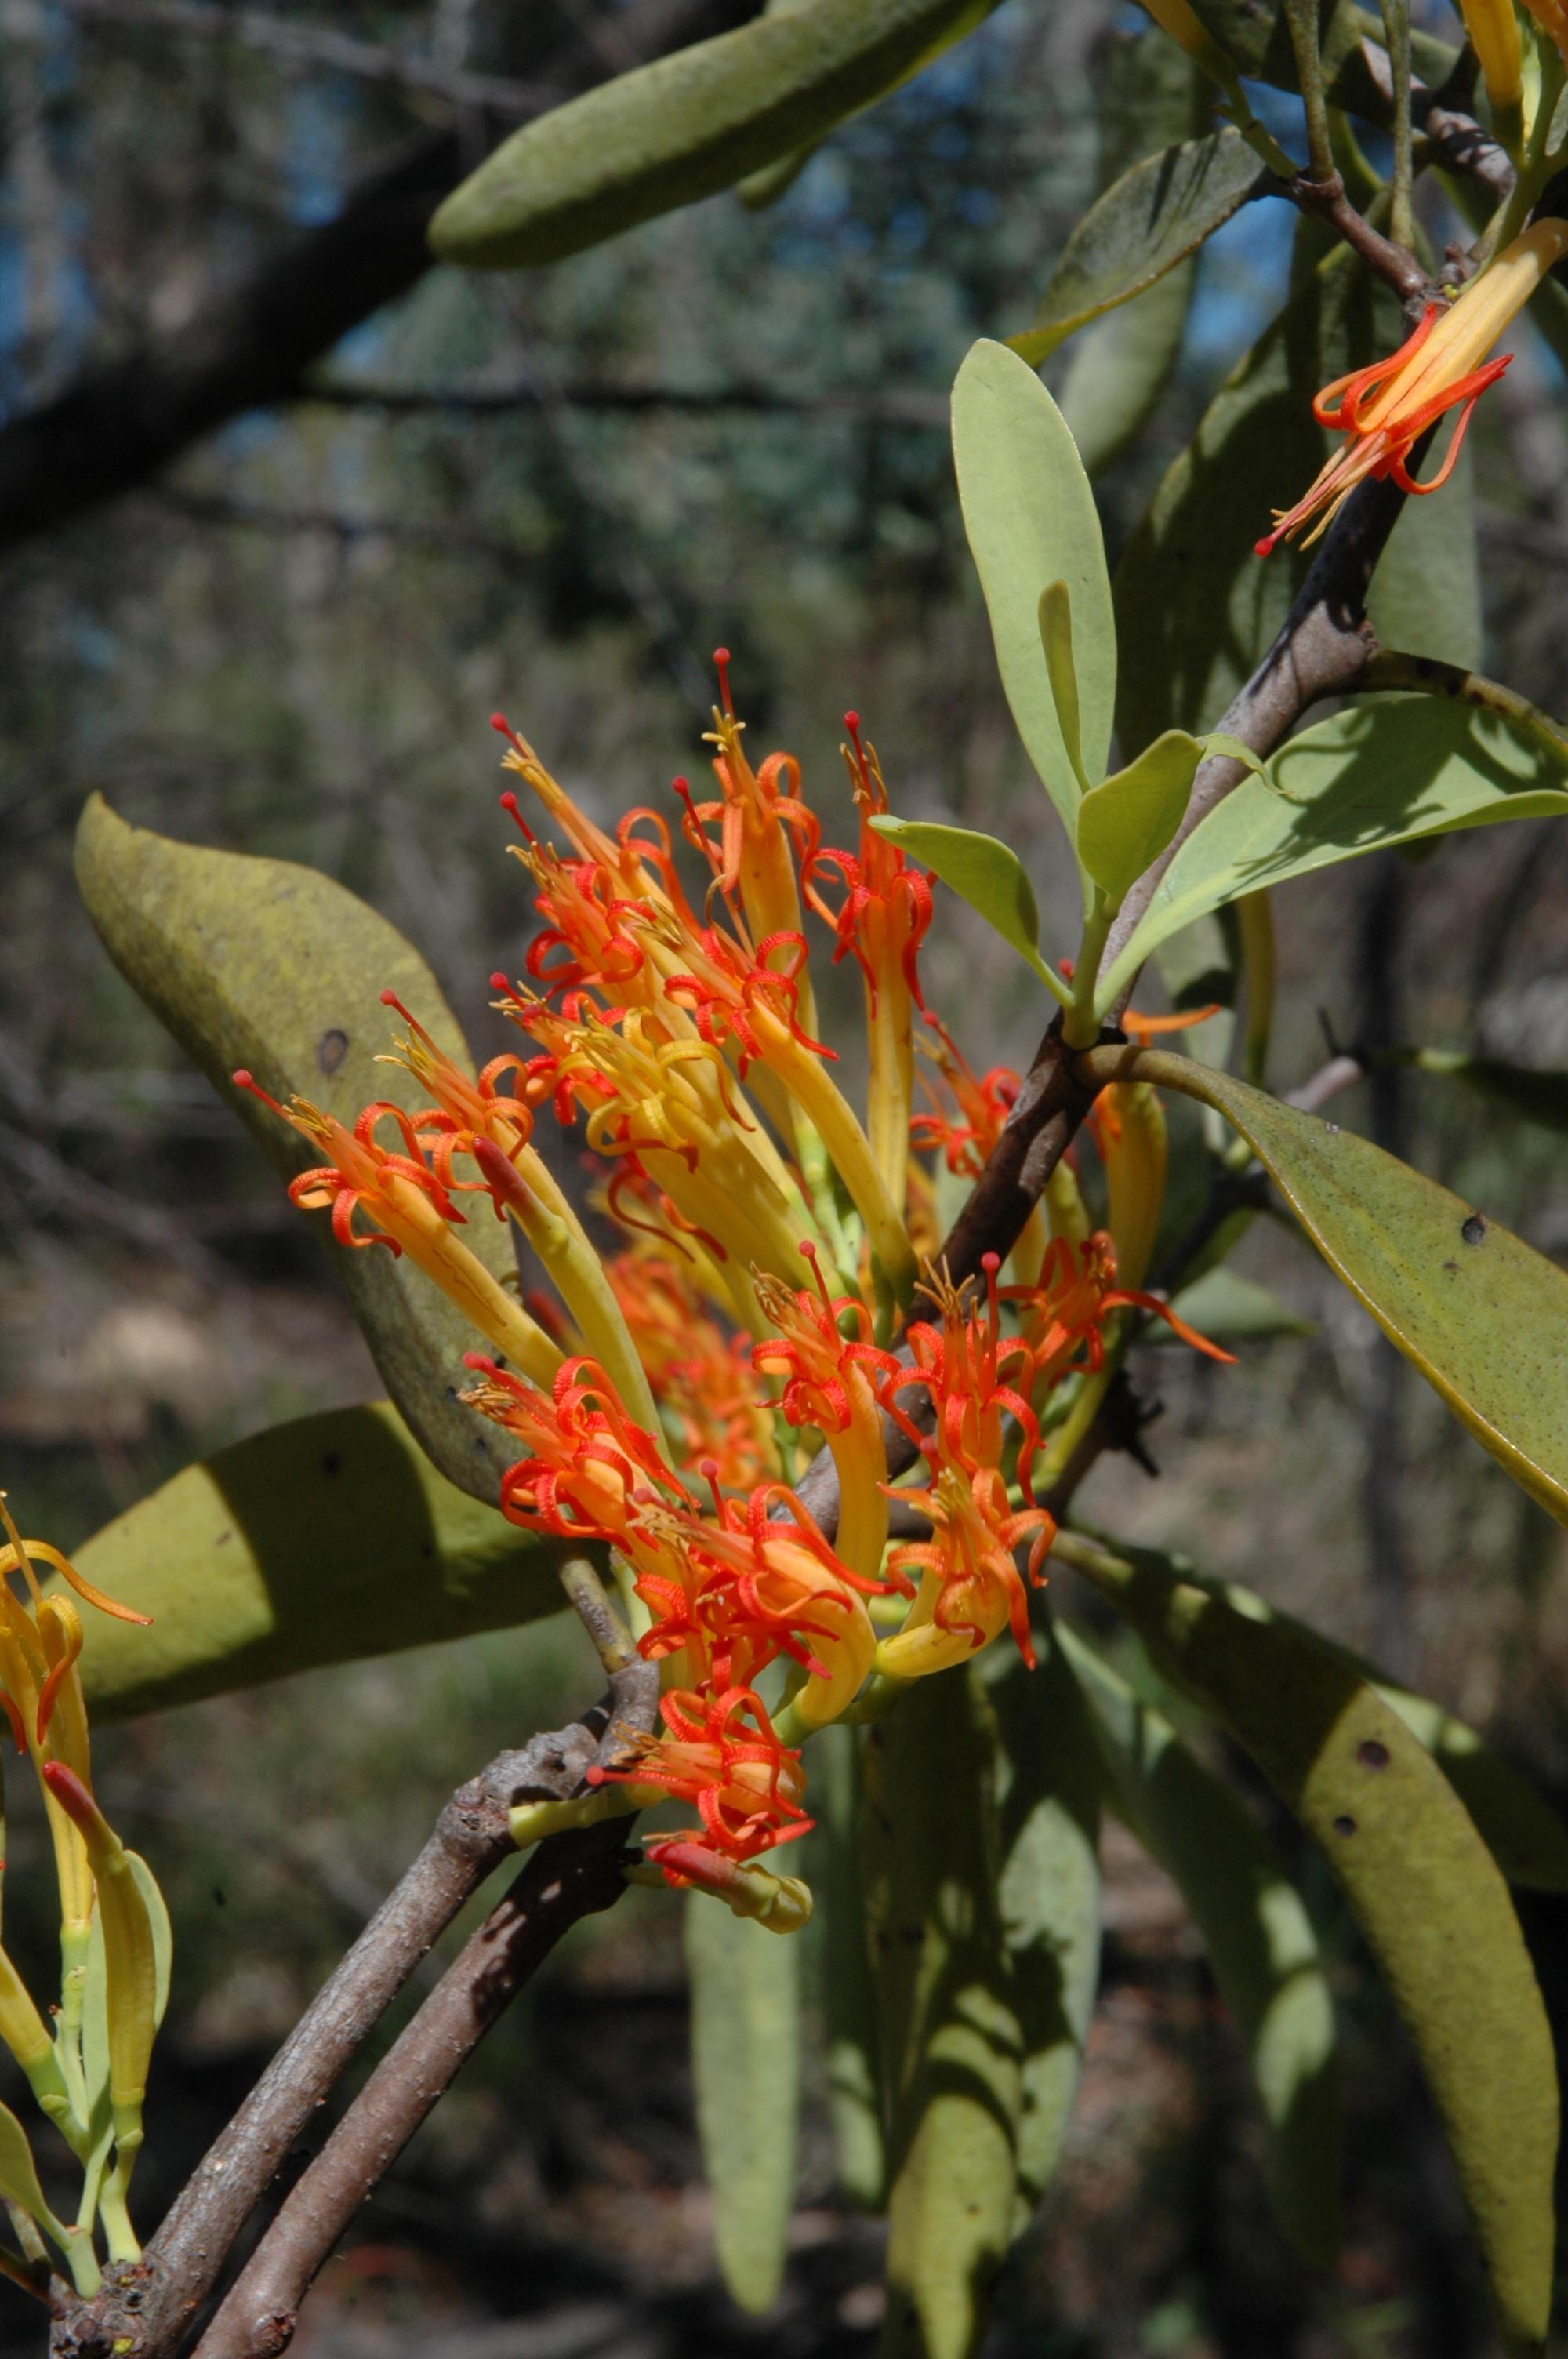 PARA Dendrophthoe glabrescens (Mistletoe) - flowers